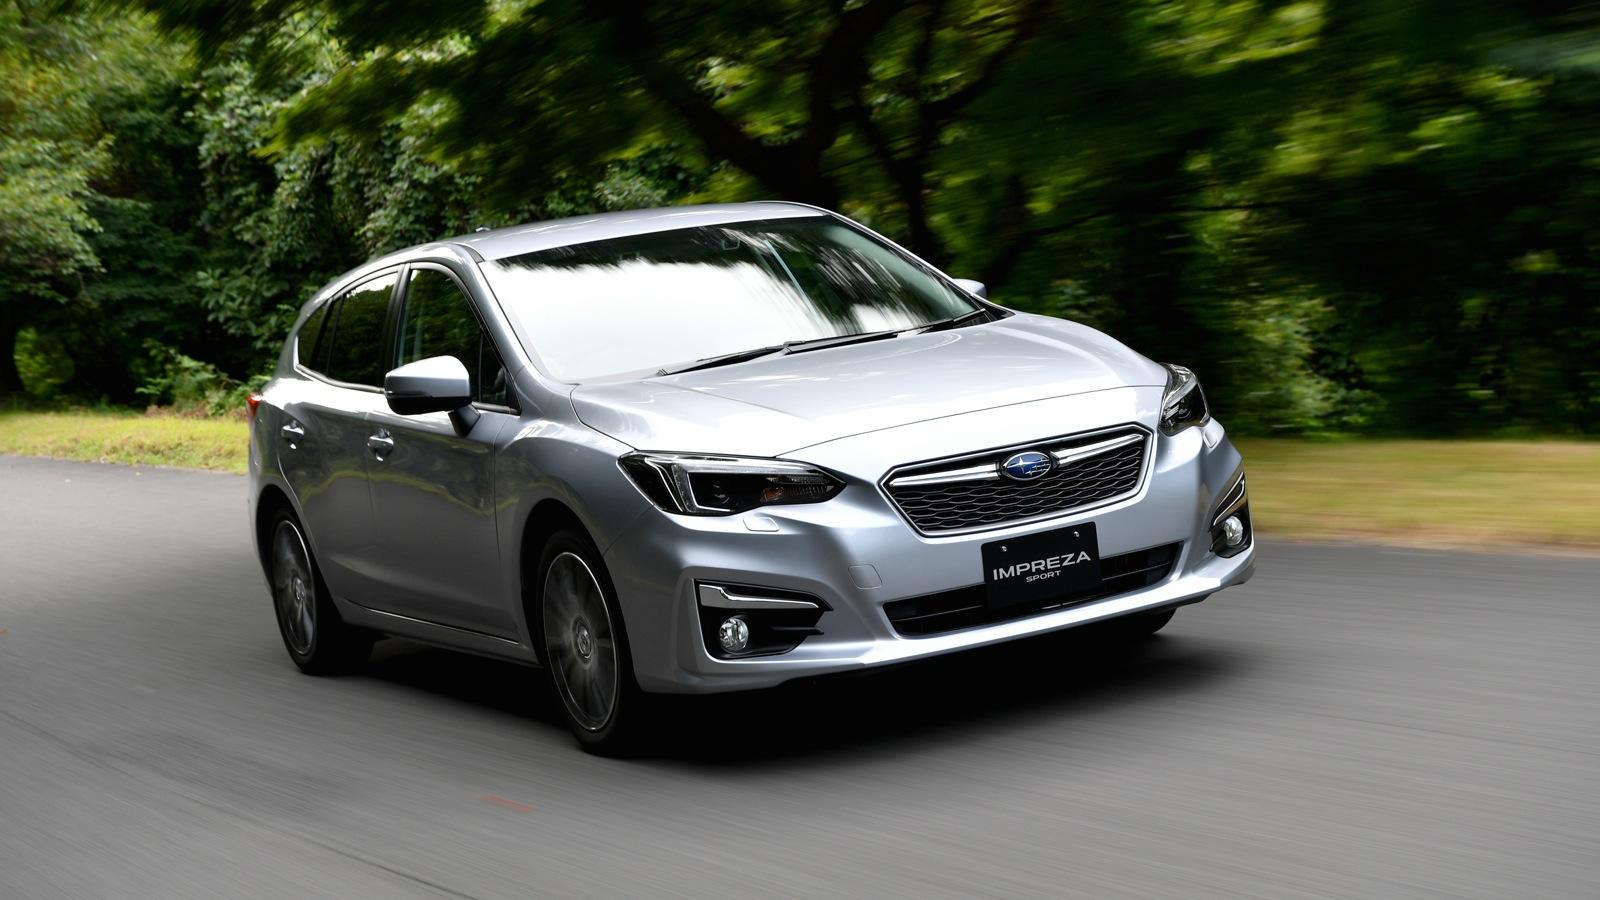 Subaru Impreza 2017 hướng đến đối tượng giới trẻ nhờ vẻ ngoài mới mẻ hơn